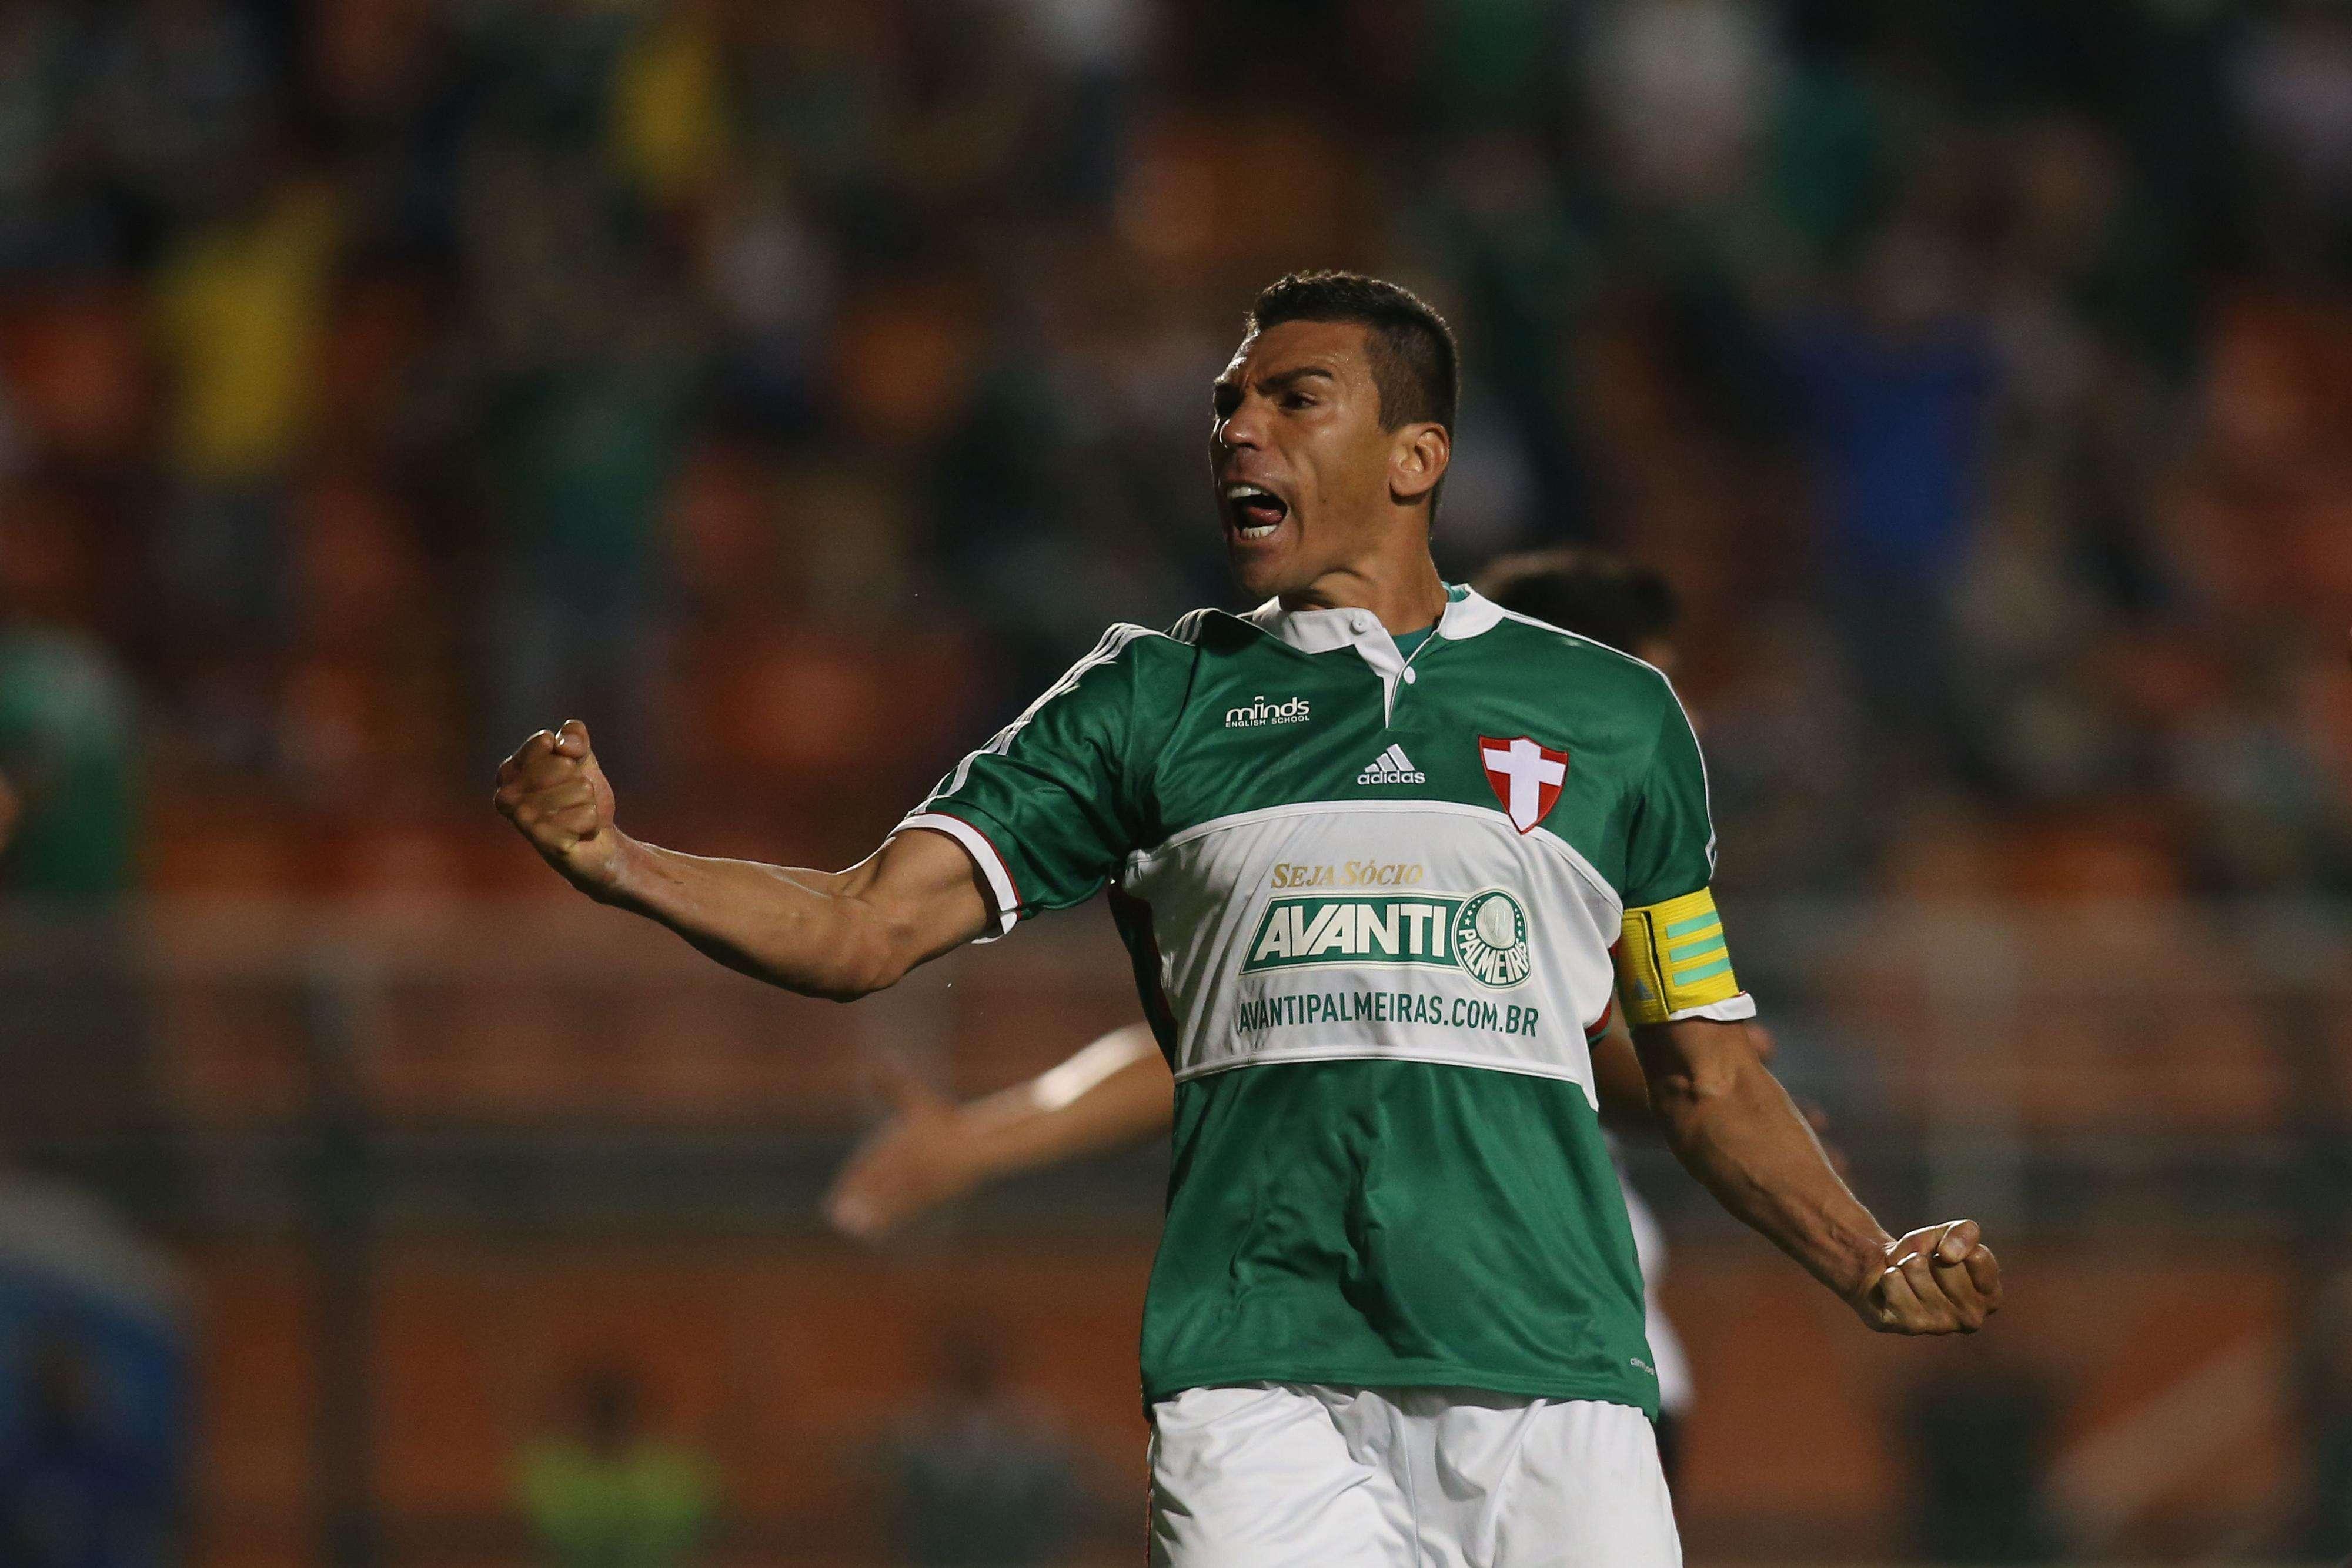 Lúcio esbraveja durante o duelo entre Palmeiras e Coritiba Foto: Eduardo Viana/Agência Lance